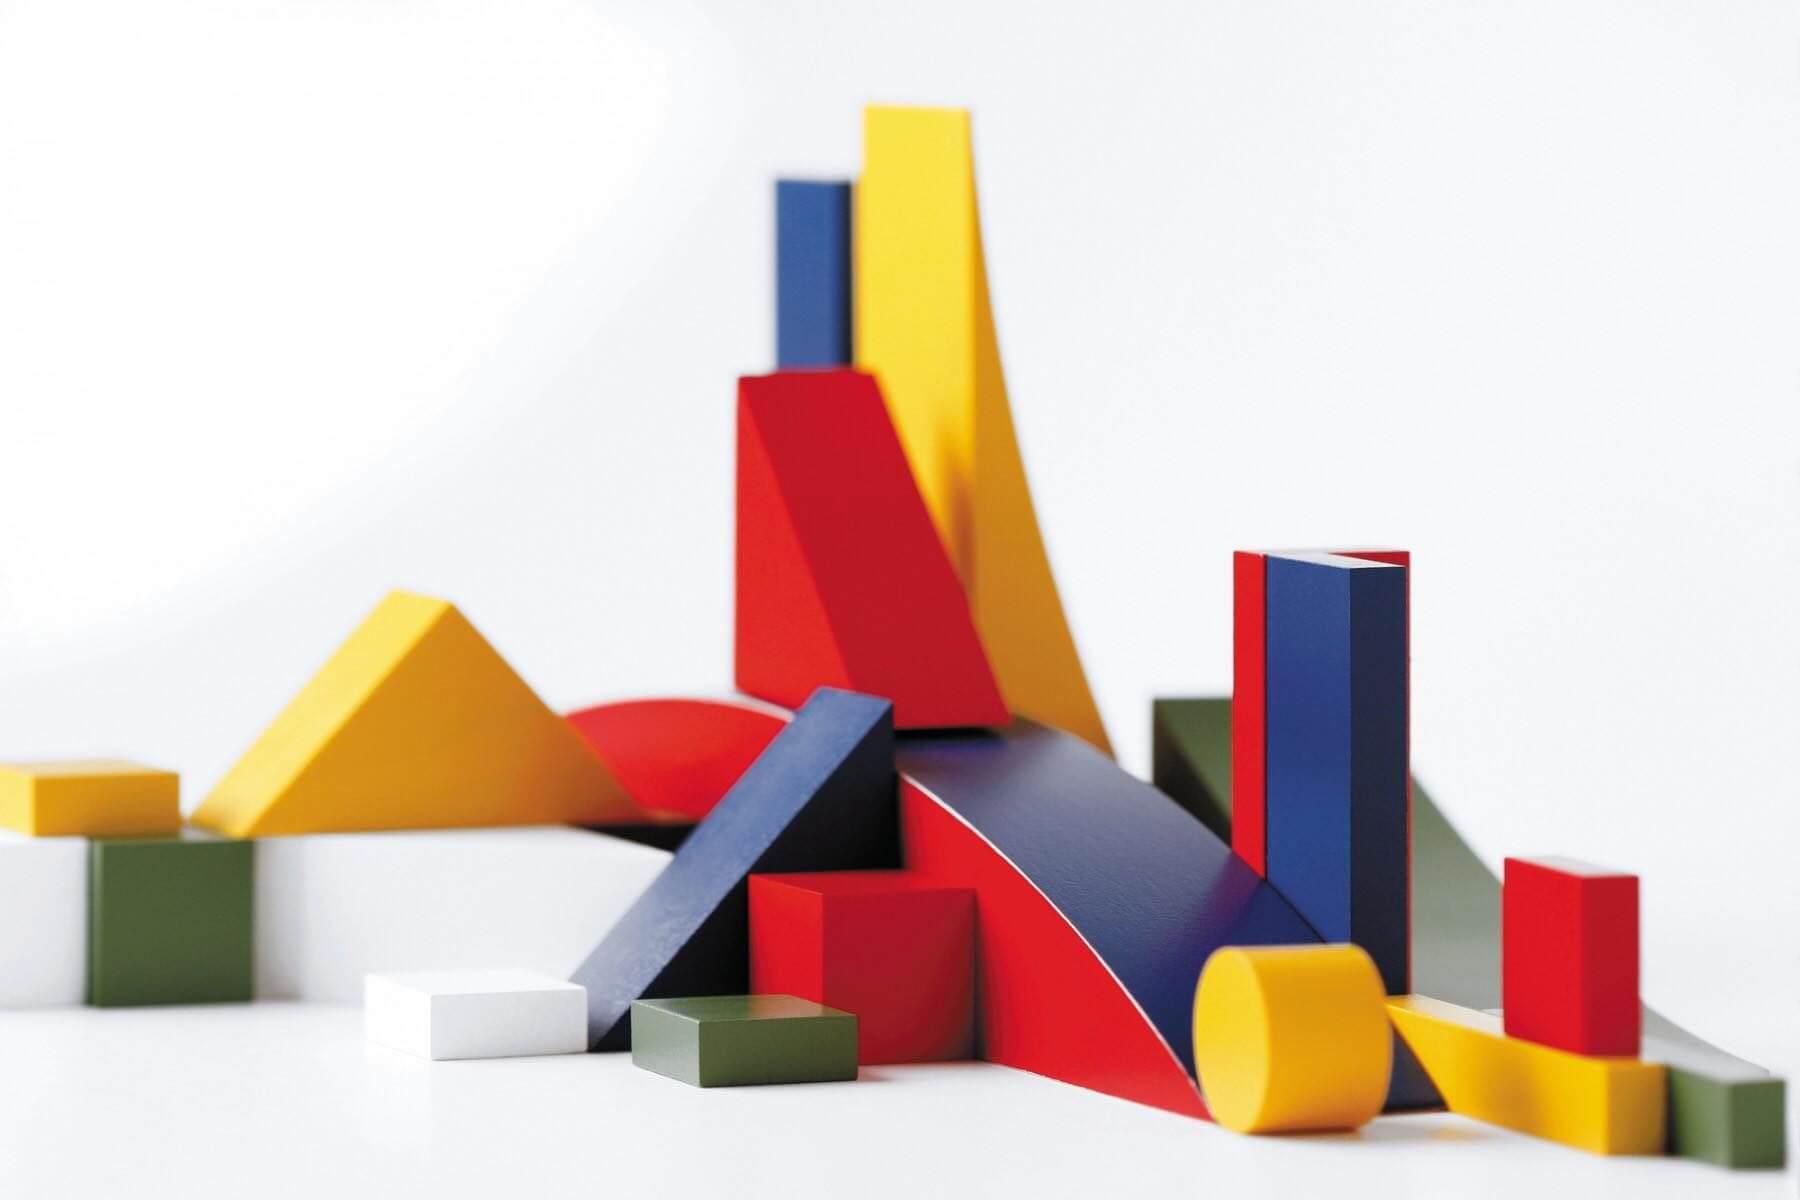 formas y colores bauhaus